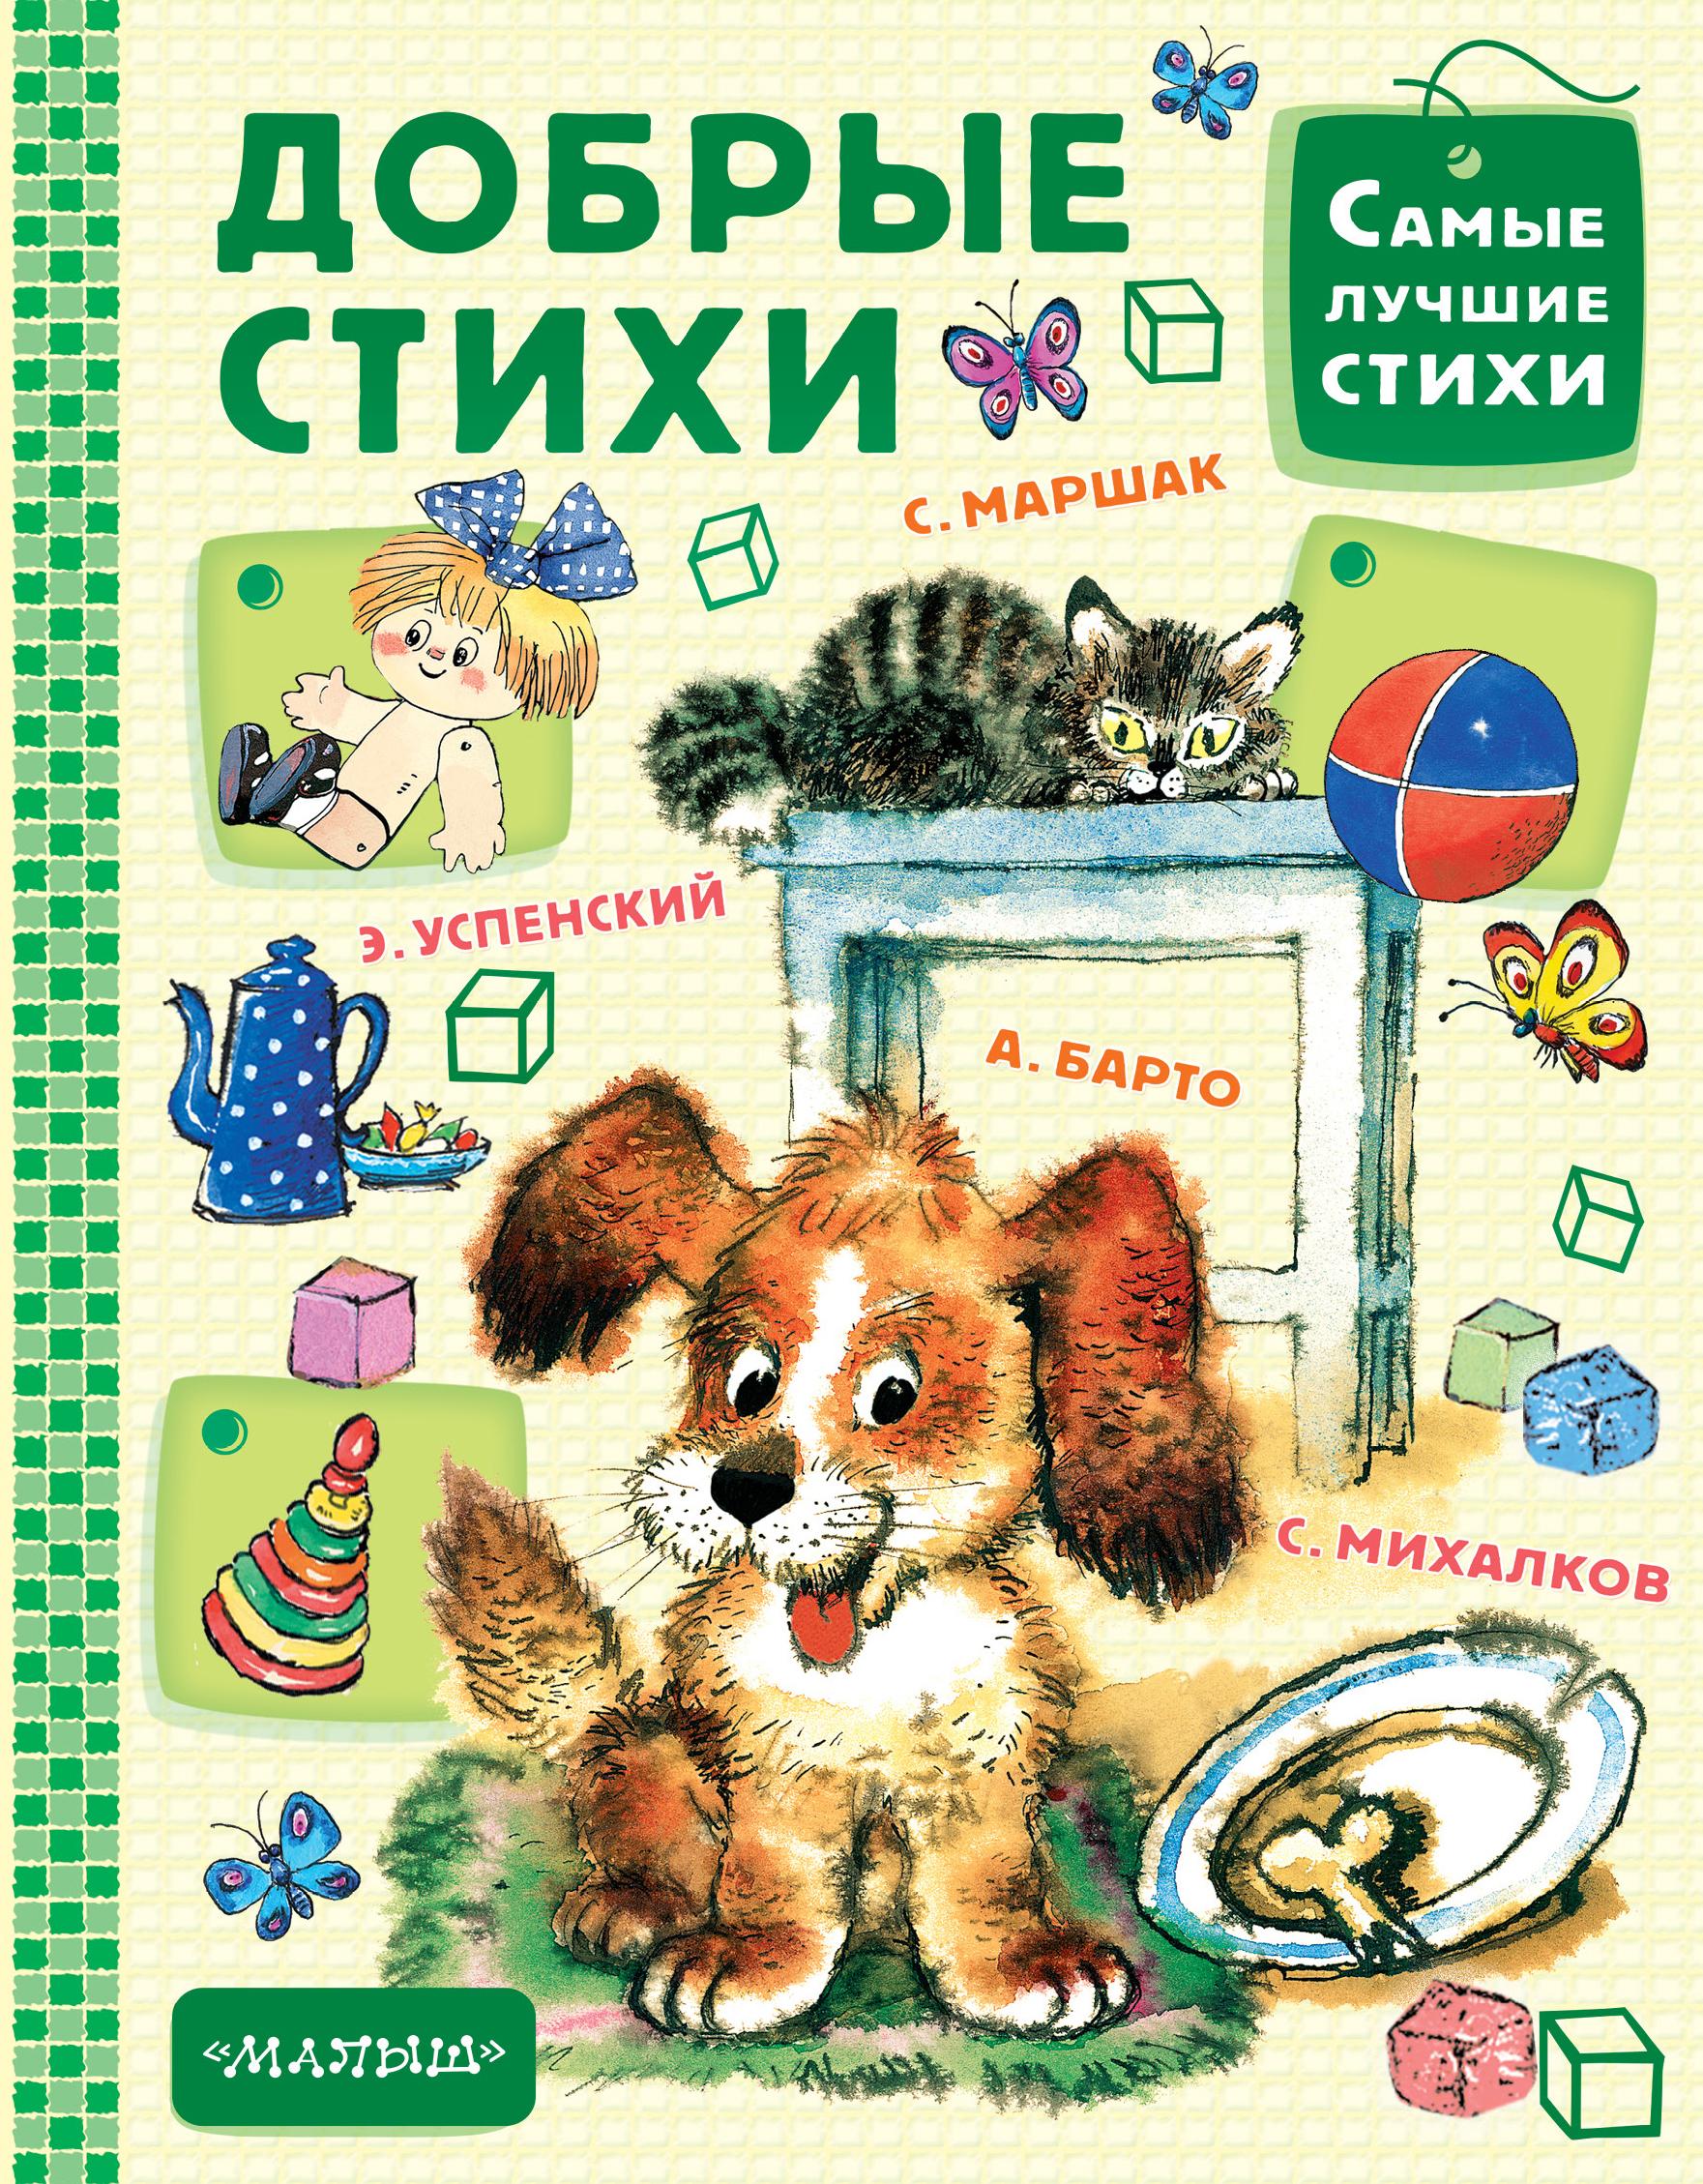 цена на С. Маршак, С. Михалков, К. Чуковский и др. Добрые стихи